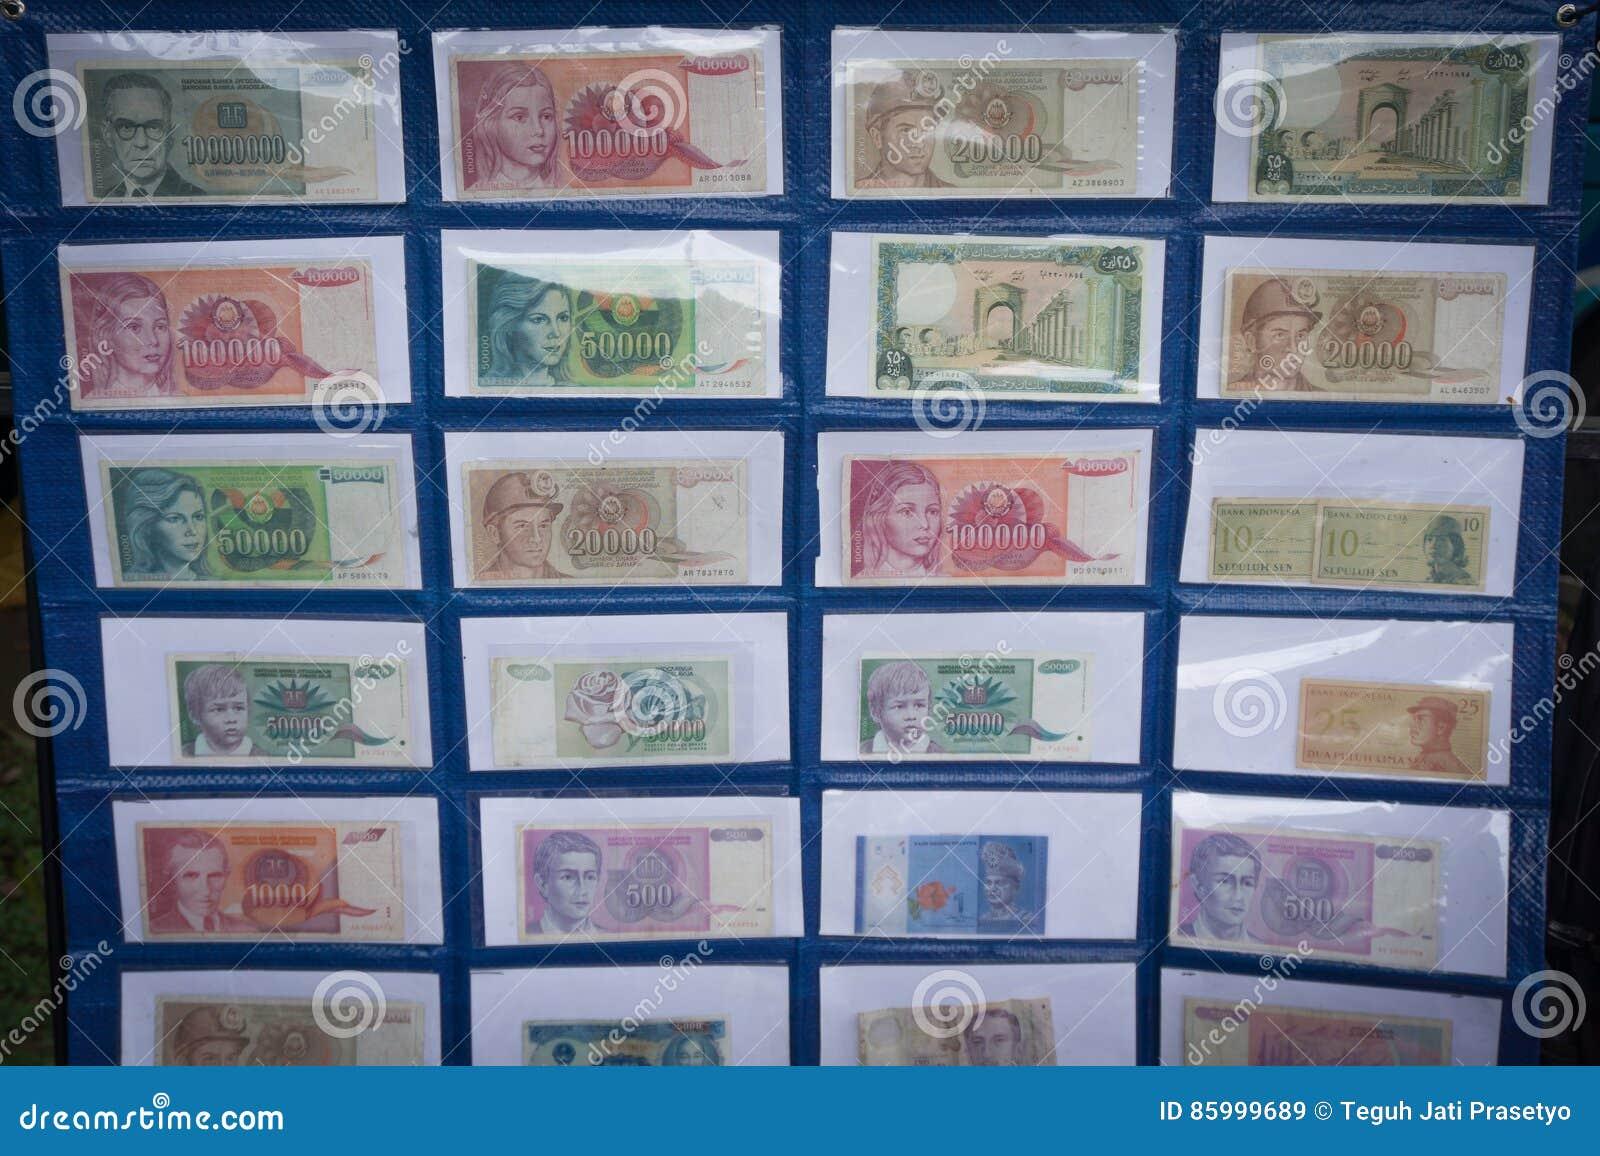 Συλλογή των χρημάτων εγγράφου της Ινδονησίας ` s που επιδεικνύεται σε μια φωτογραφία μουσείων που λαμβάνεται σε Bogor Ινδονησία